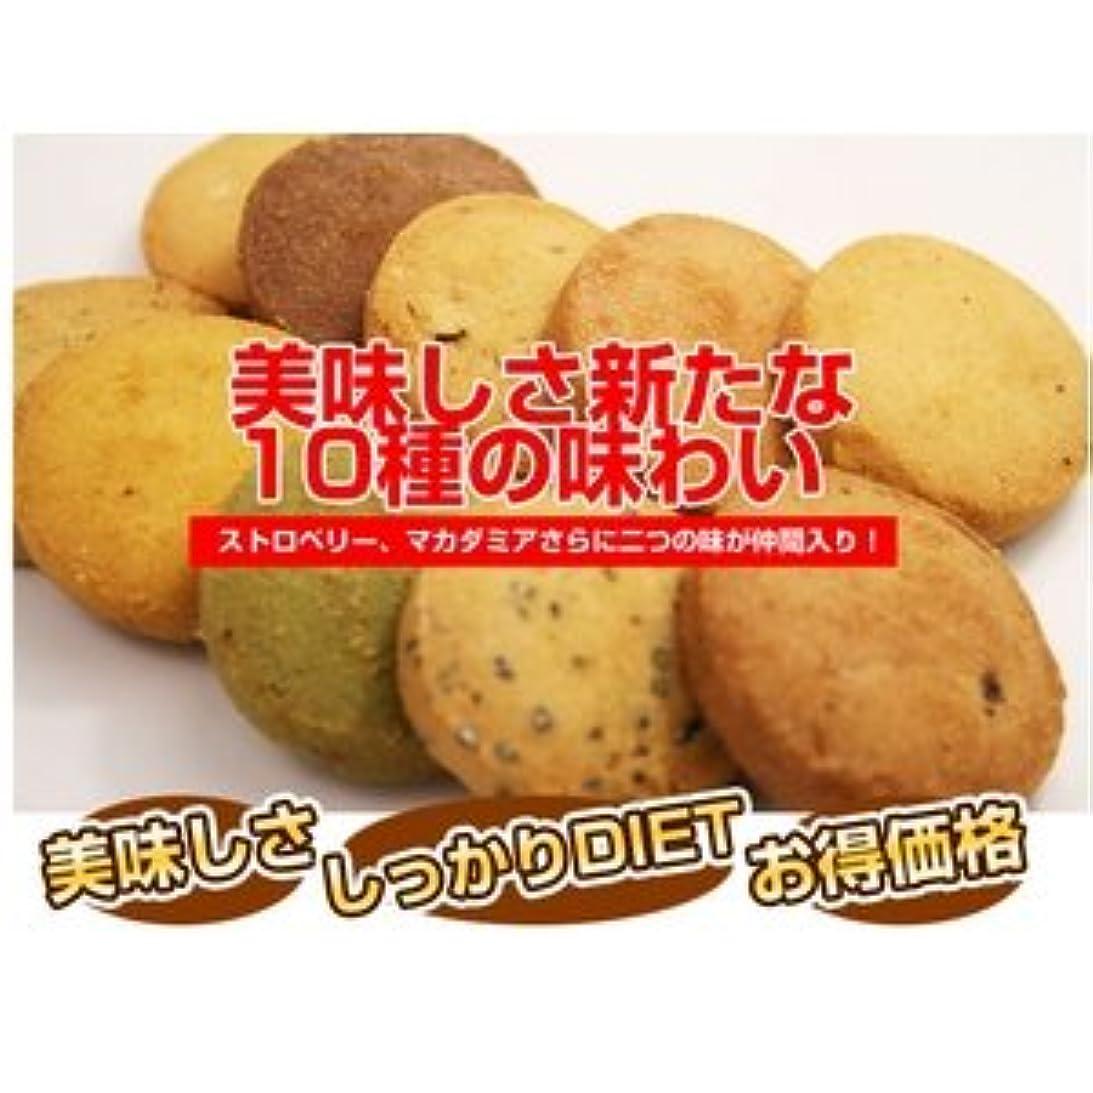 太字アマゾンジャングルくびれた10種の豆乳おからクッキー 1kg(500g×2)